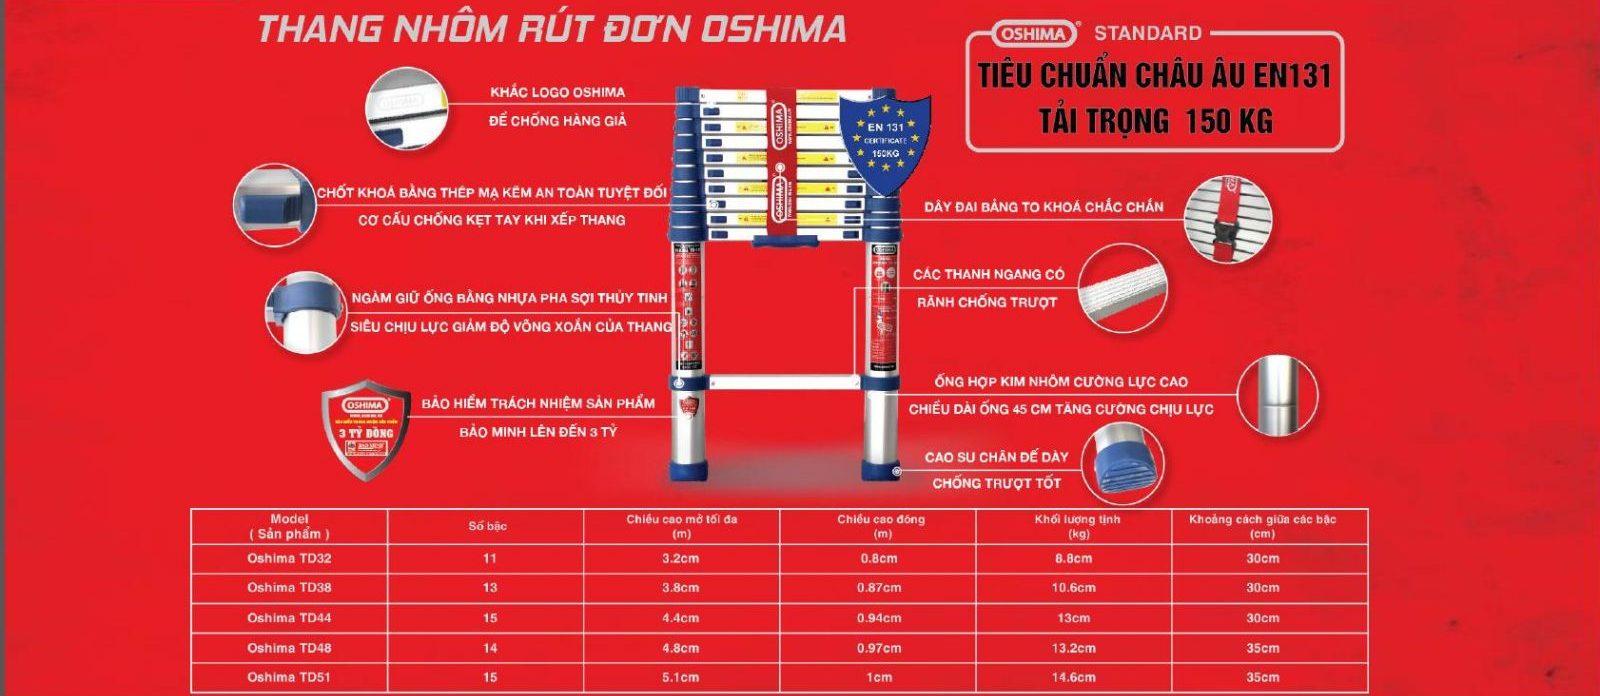 Những ưu điểm của chiếc thanh nhôm rút đơn Oshima